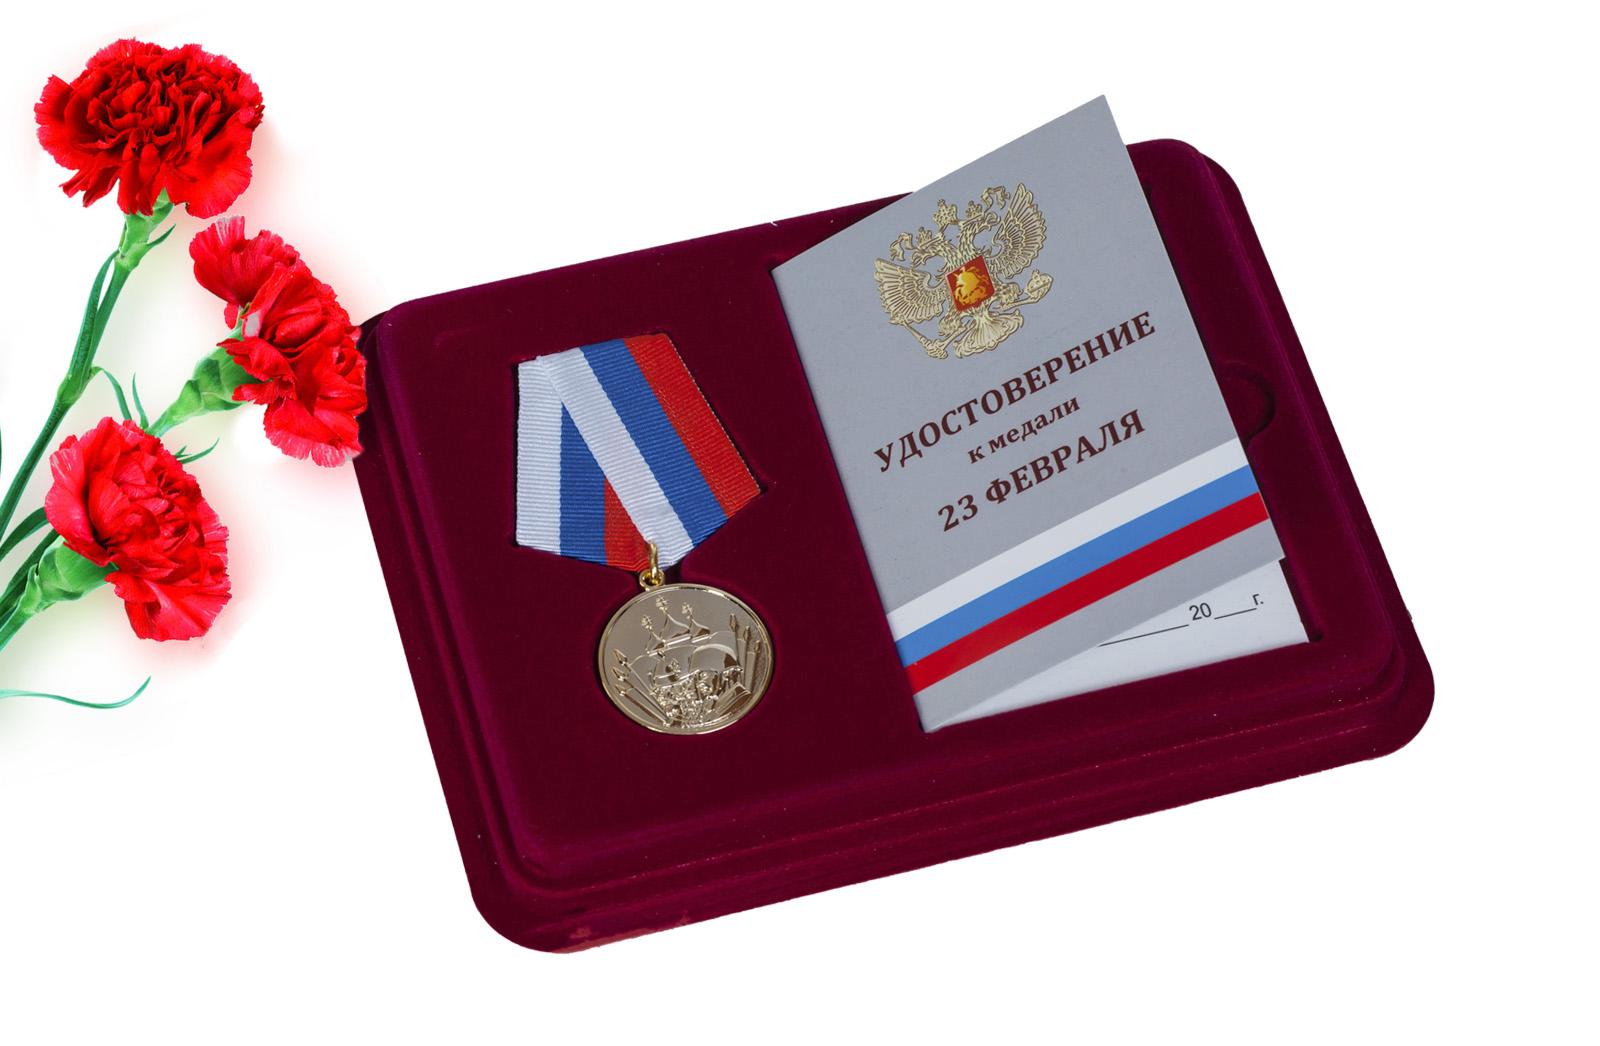 Медаль к празднику 23 февраля